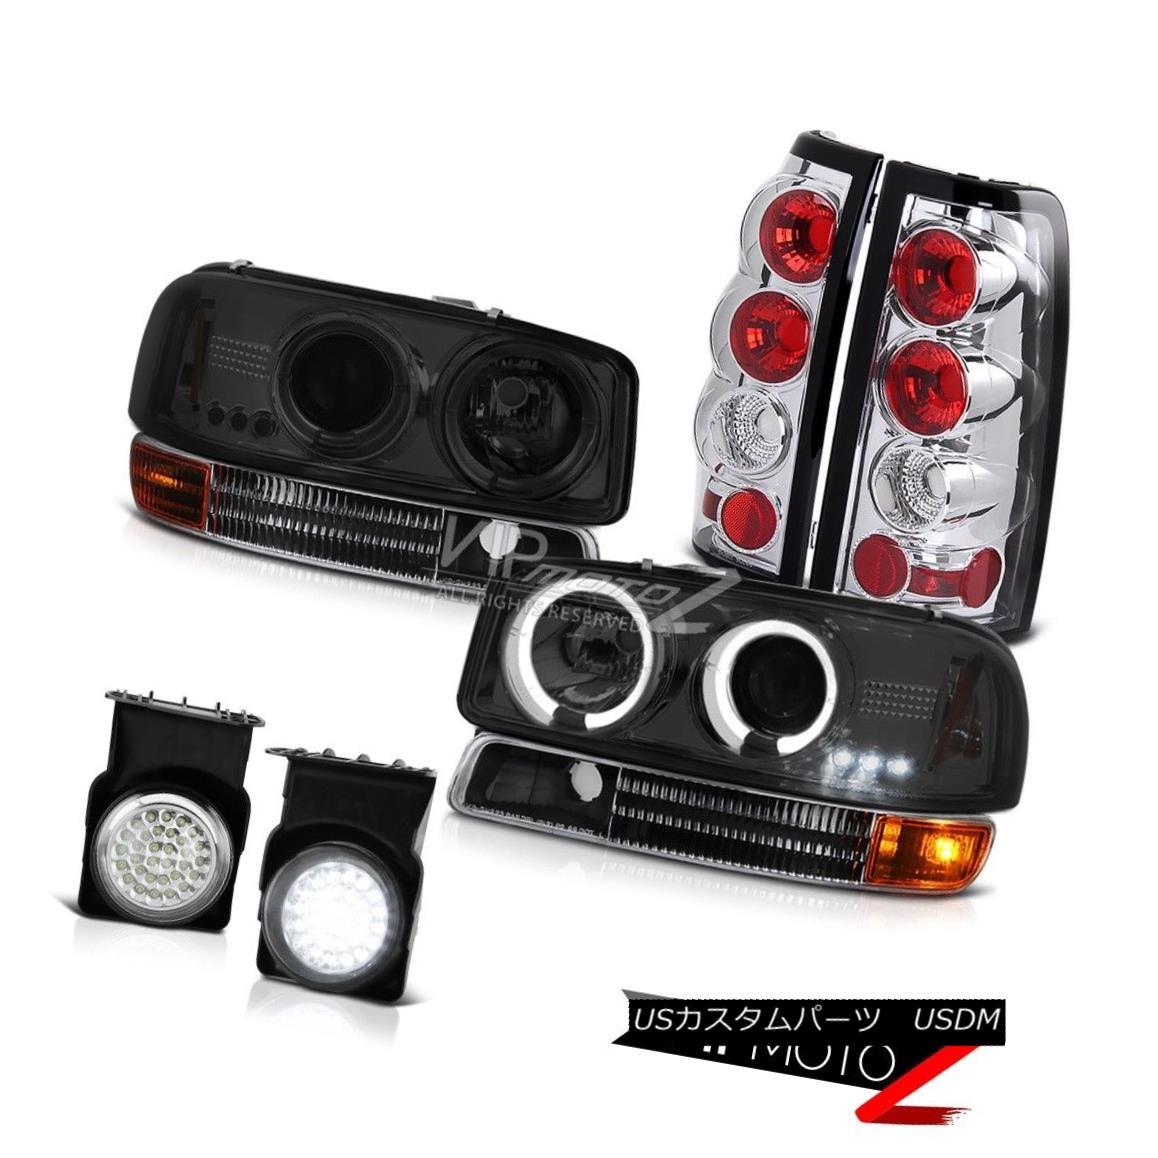 ヘッドライト Headlamps Angel Eye 2003 Sierra 6.0L V8 Black Bumper Reverse Brake Lamps LED Fog ヘッドランプエンジェルアイ2003 Sierra 6.0L V8ブラックバンパーリバースブレーキランプLEDフォグ